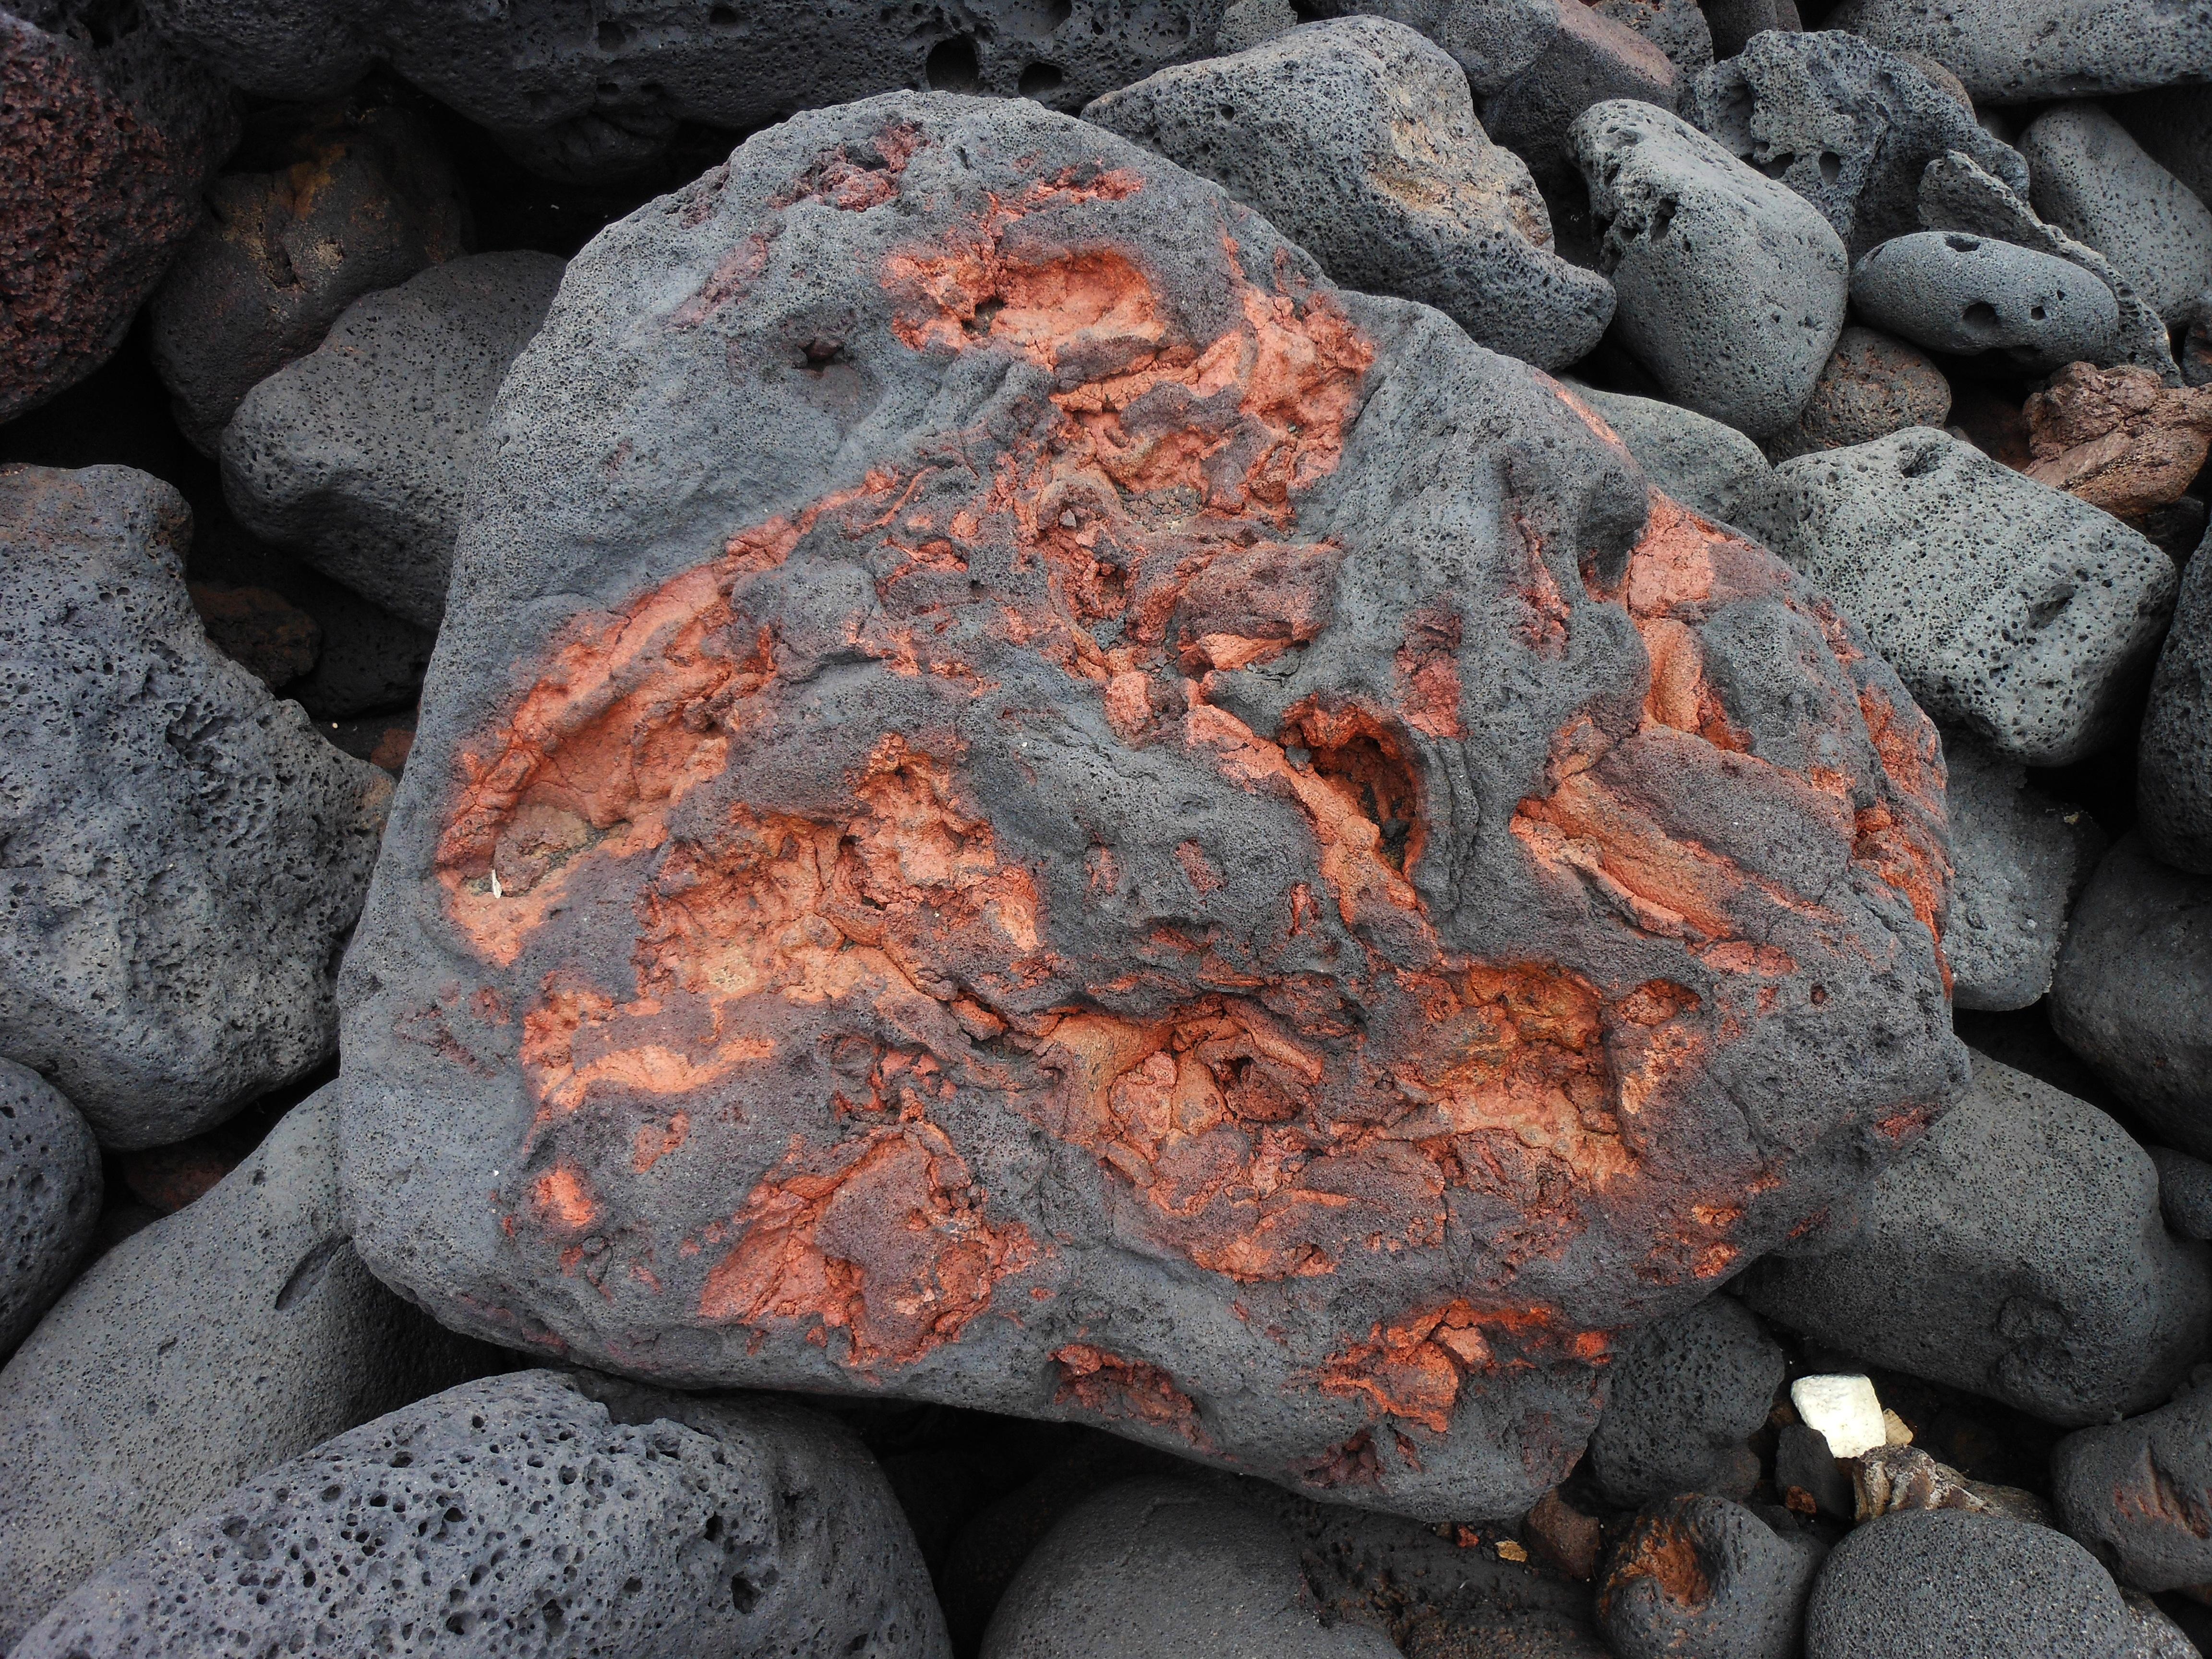 собрал главные картинки камней горных пород мамы